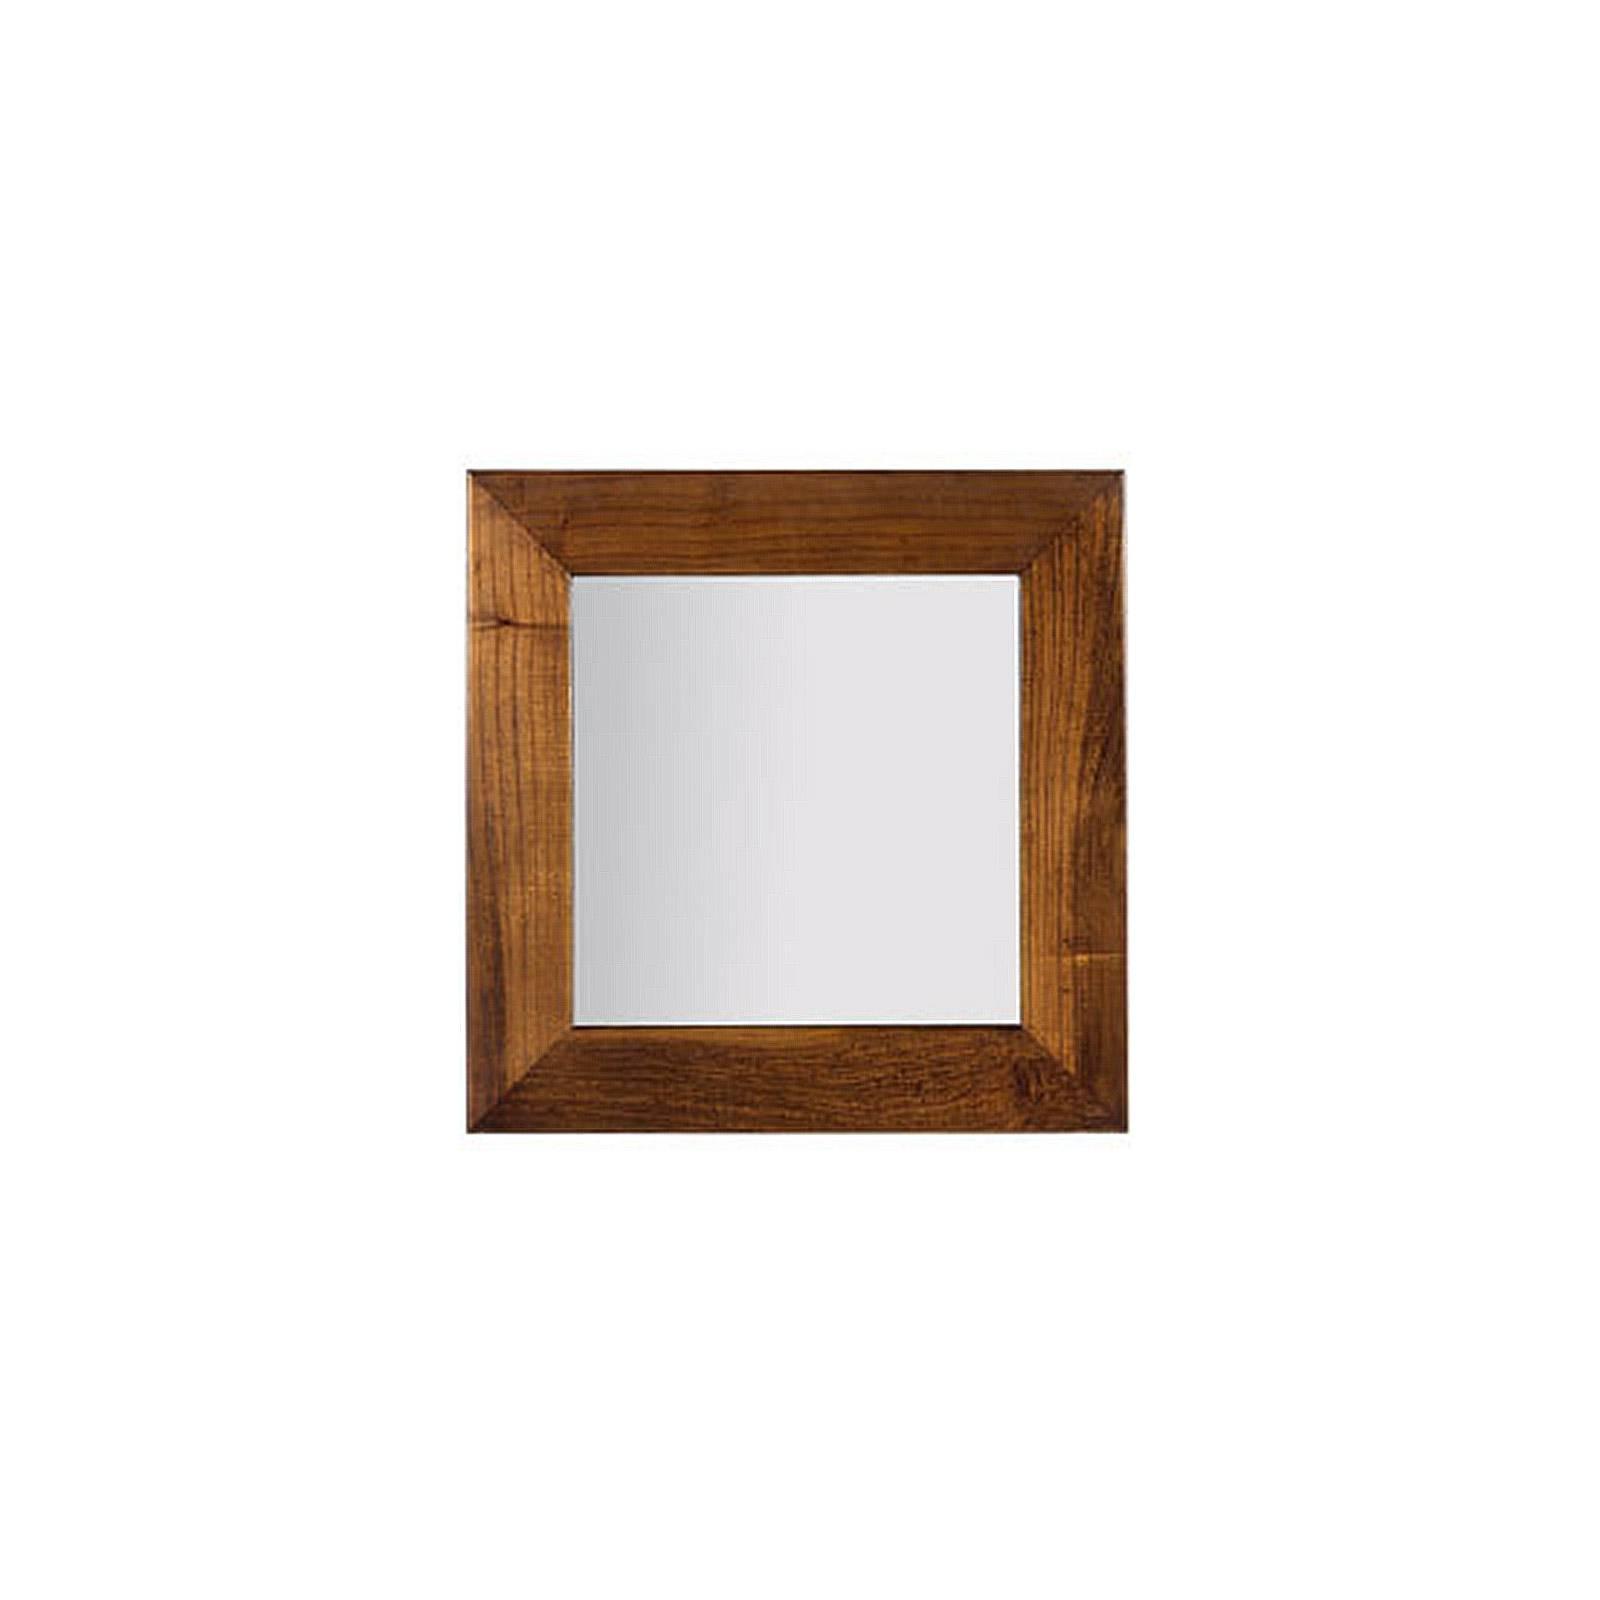 Miroir Carré Tali Mindy - meuble bois exotique